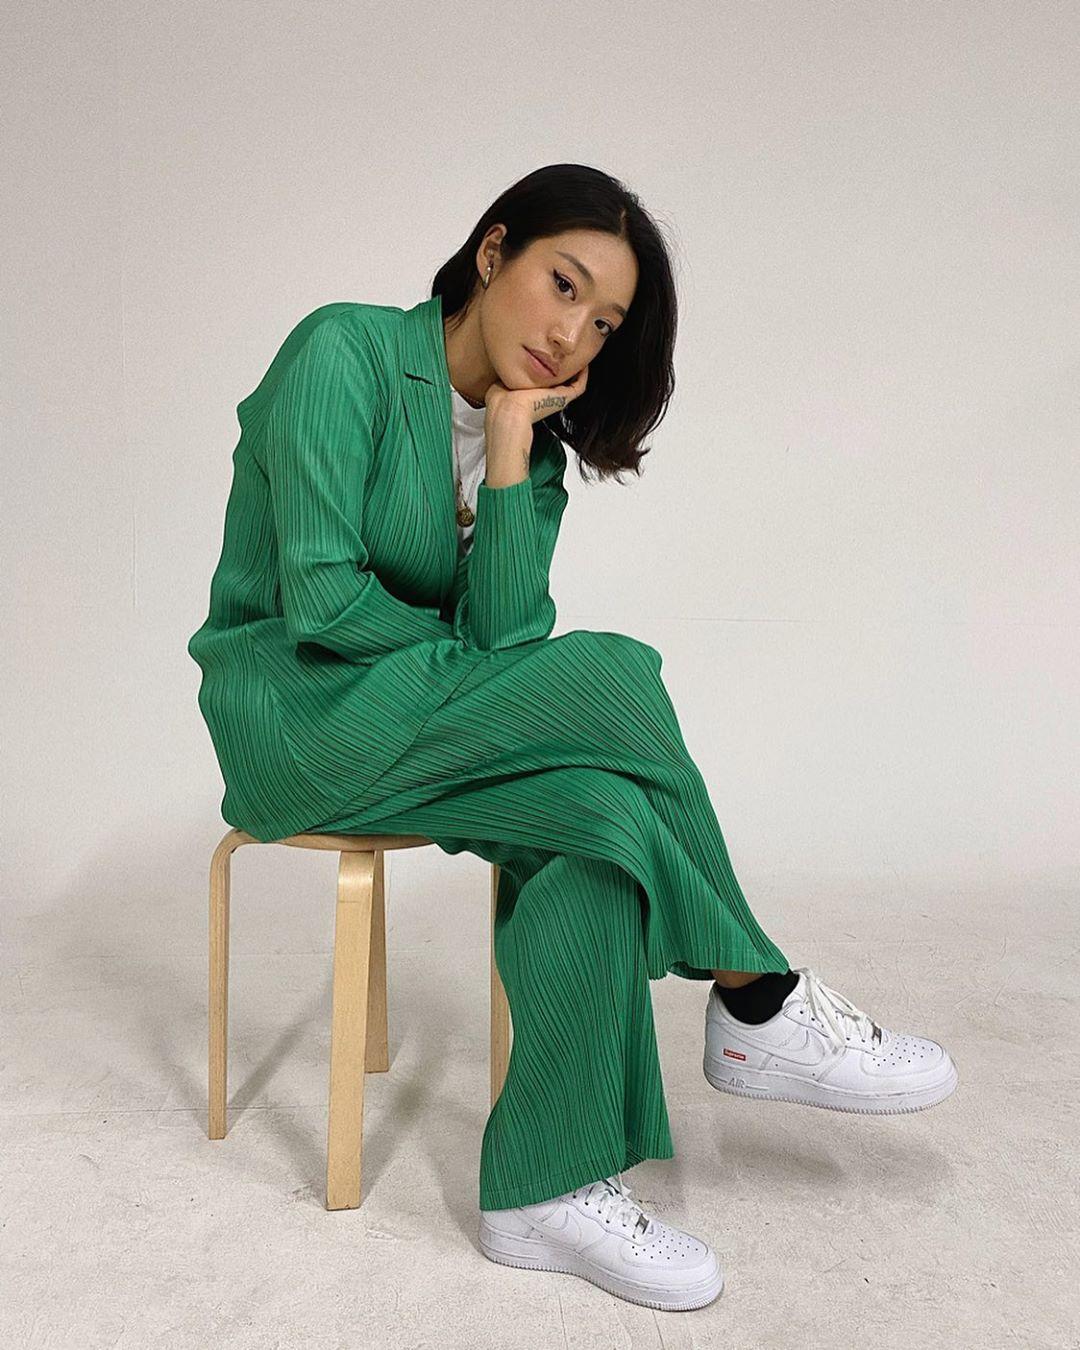 Peggy Gou,DJ Siena,明星  新晋 DJ 球鞋女神前凸后翘!抢尽 SODA 风头!你们都想看的又来了!